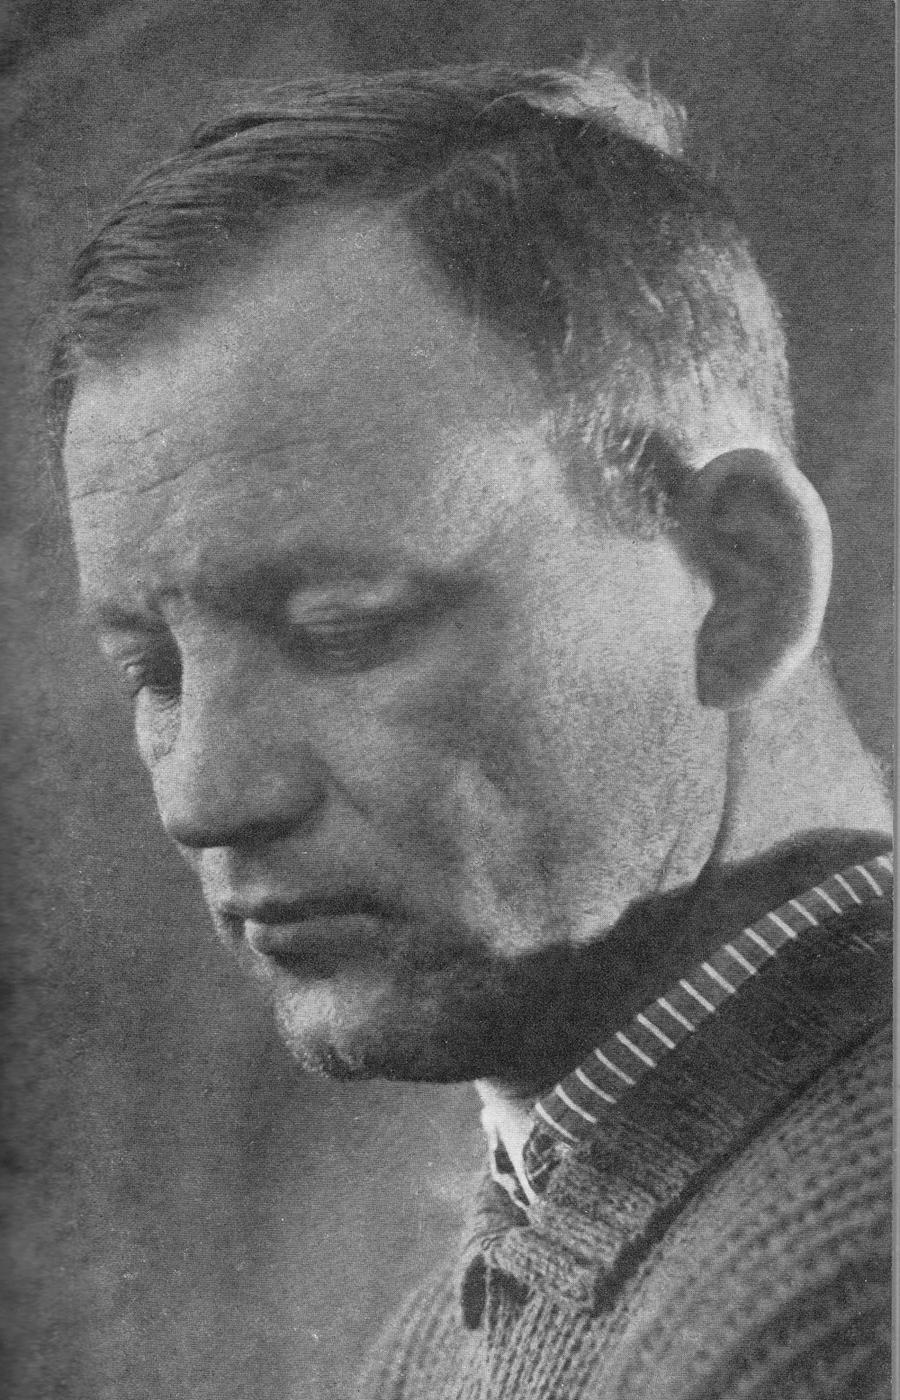 Portre of Kondor Béla